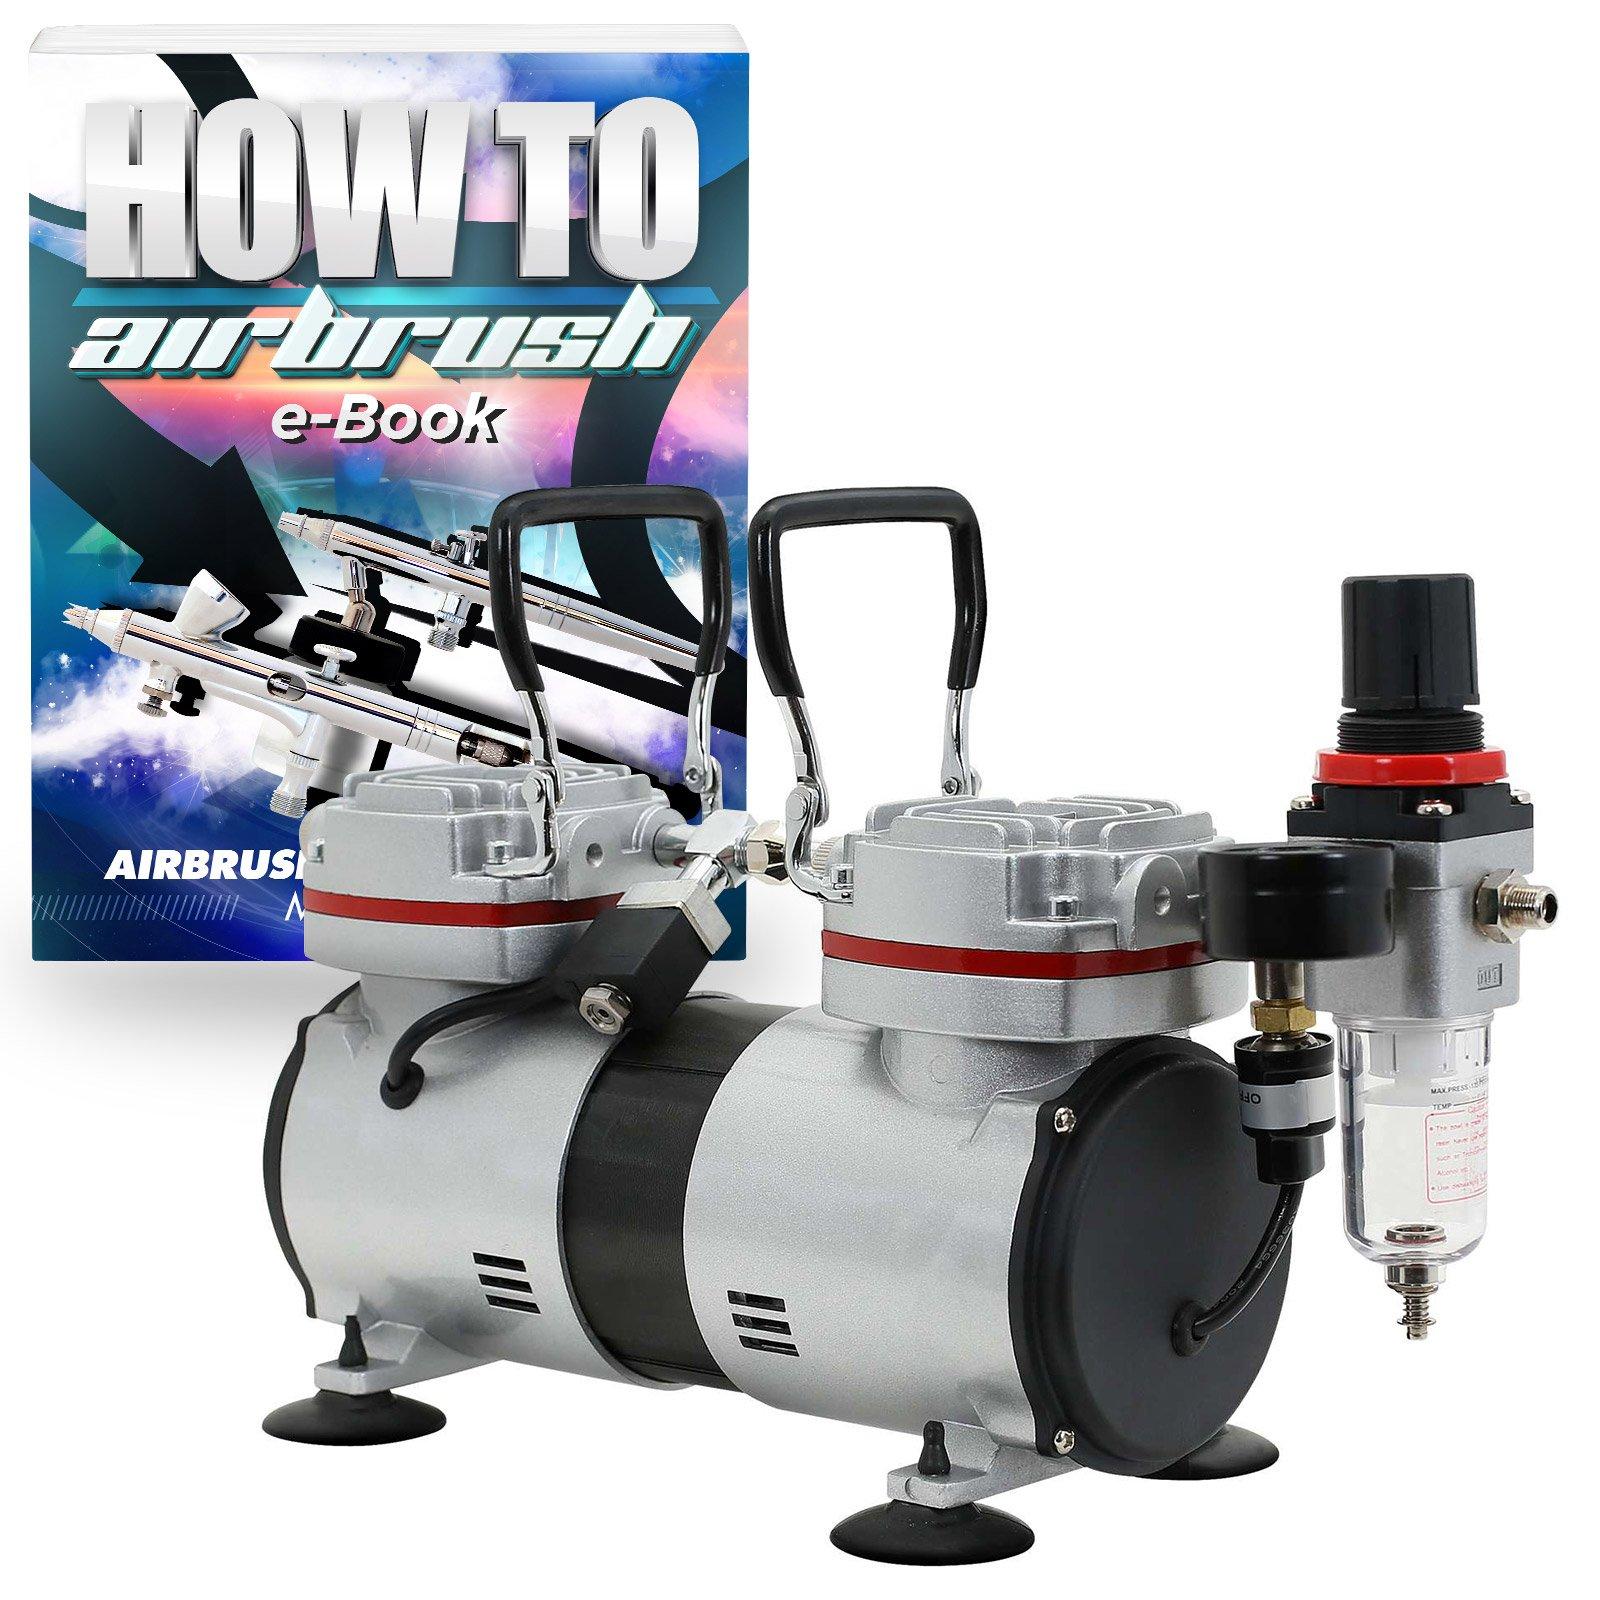 PointZero 1/3 HP Twin Piston Airbrush Compressor